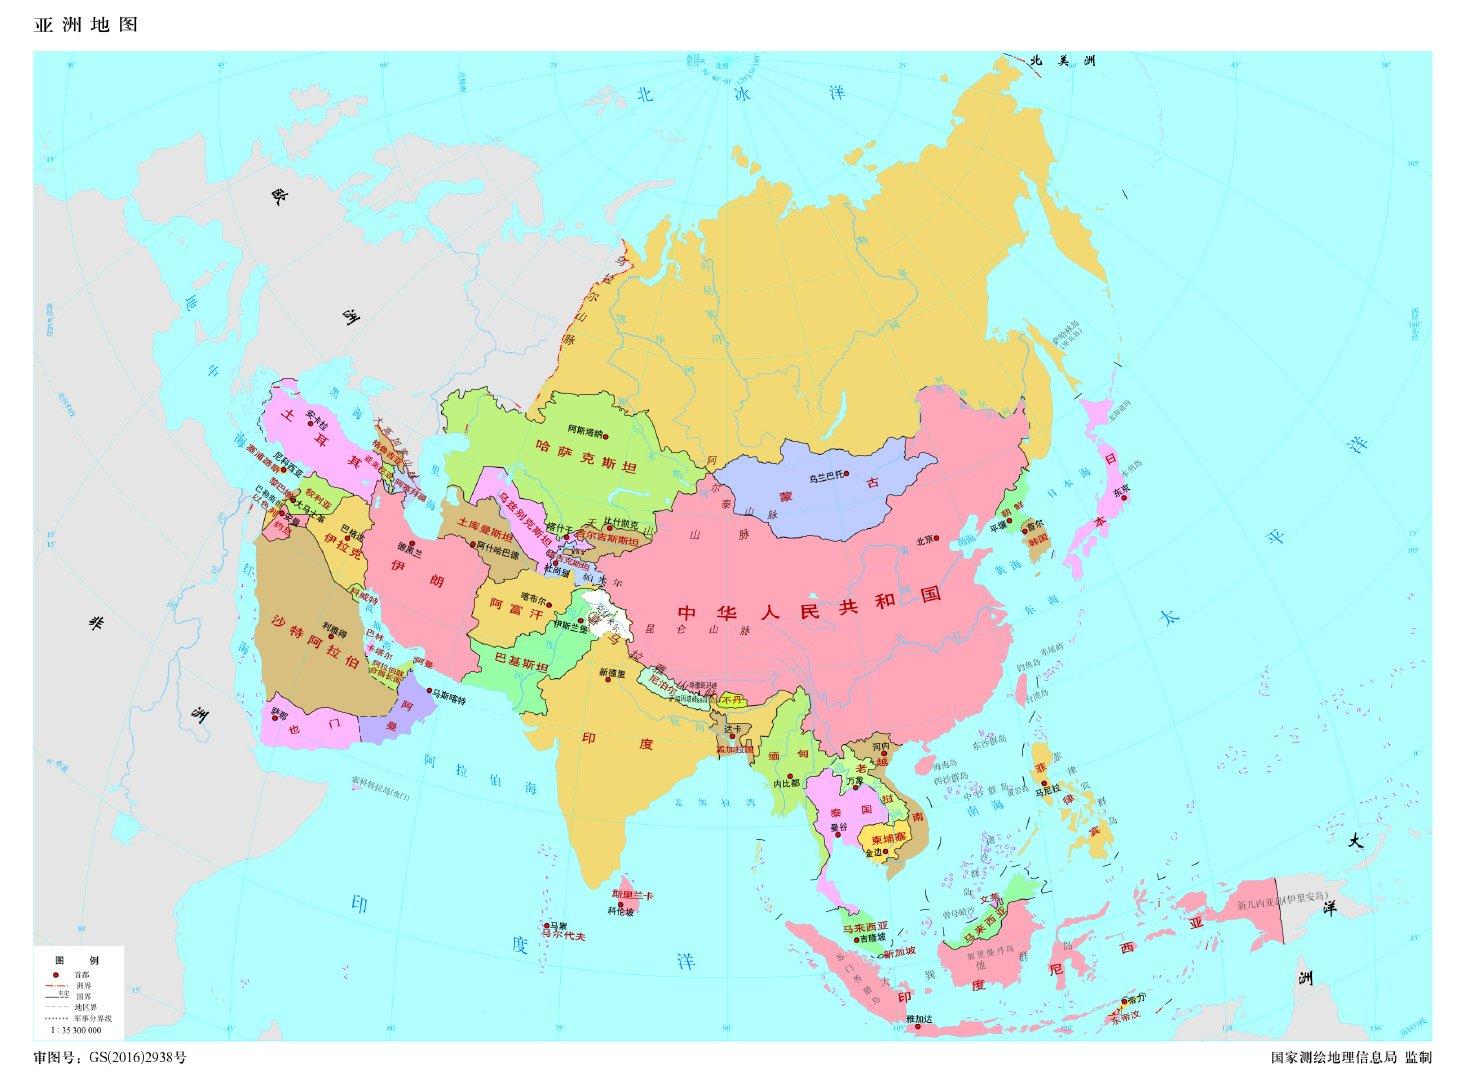 跟我一起游世界开篇了 小喵喵看世界 第2张